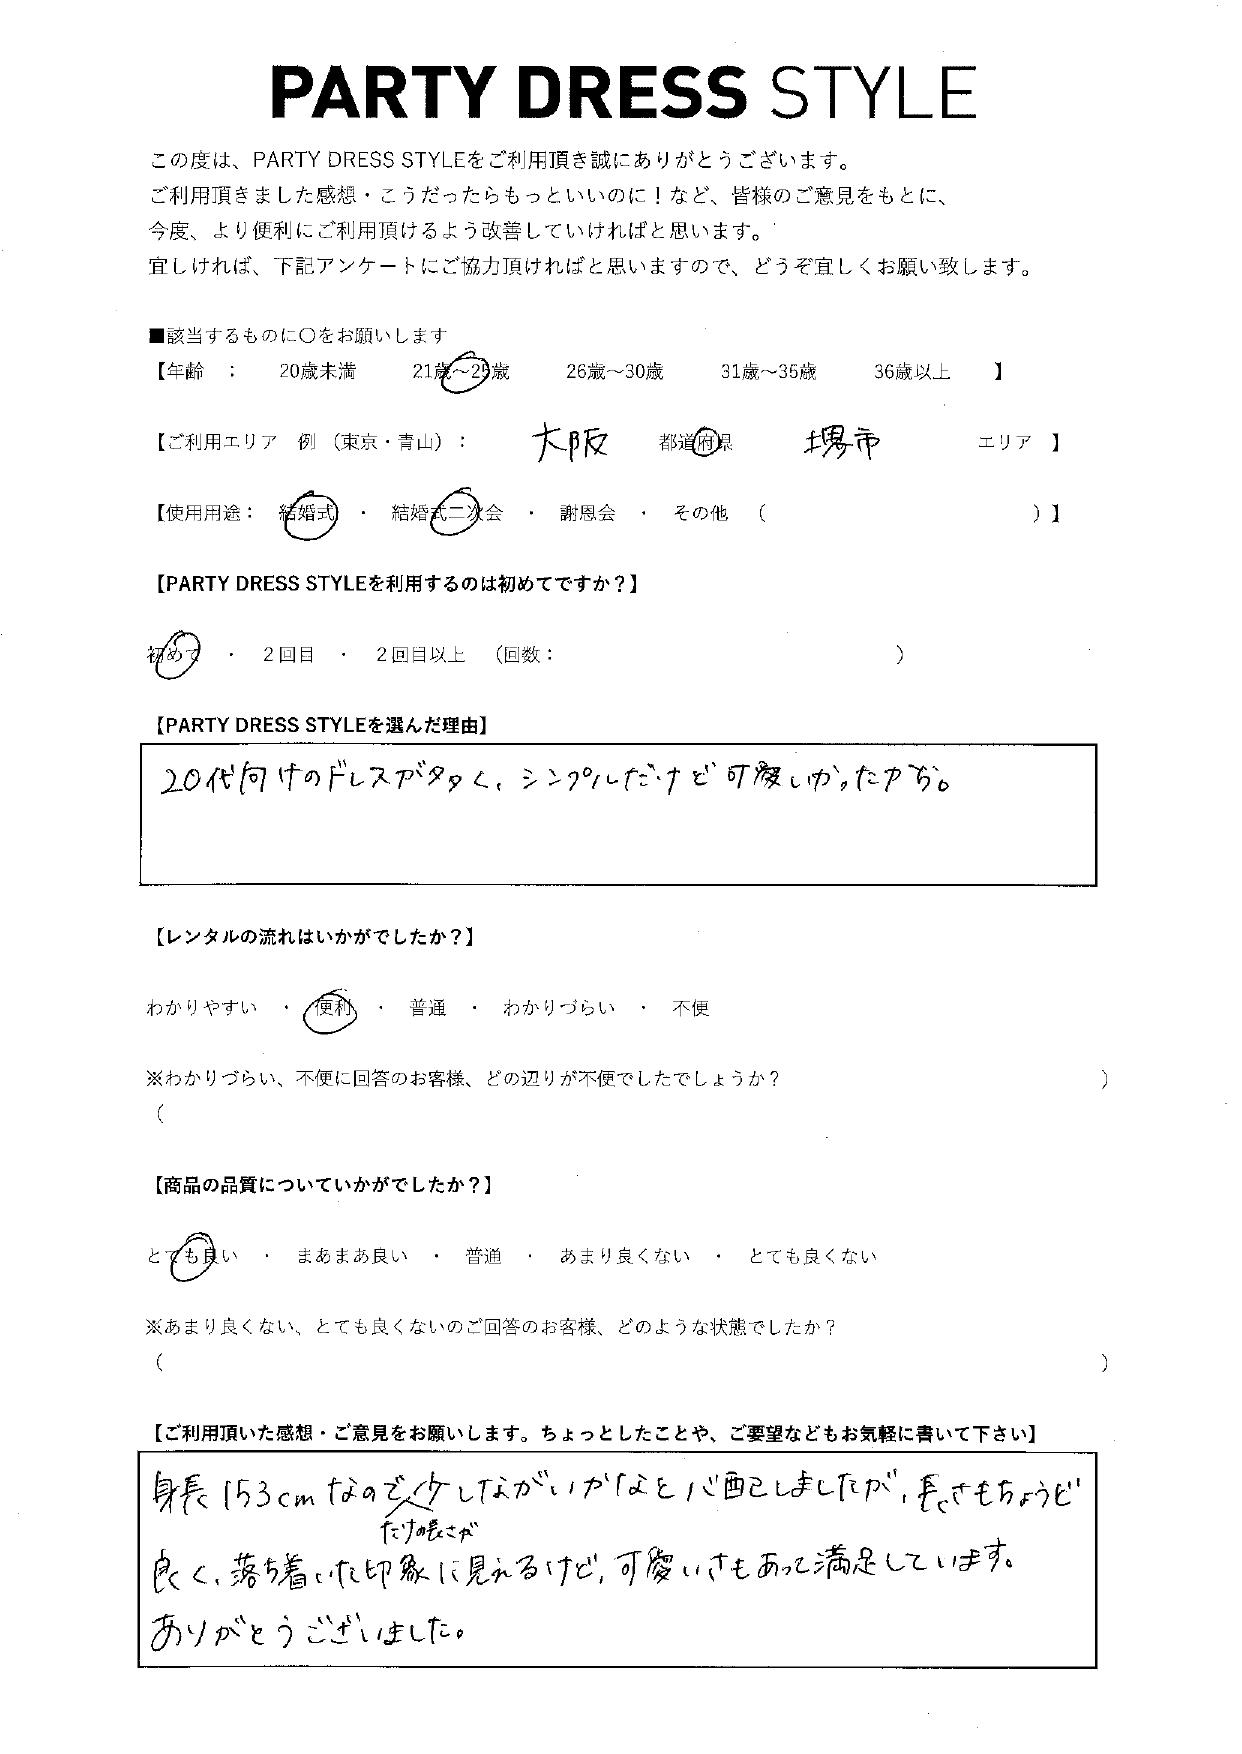 9/8結婚式・結婚式二次会ご利用 大阪・堺市エリア